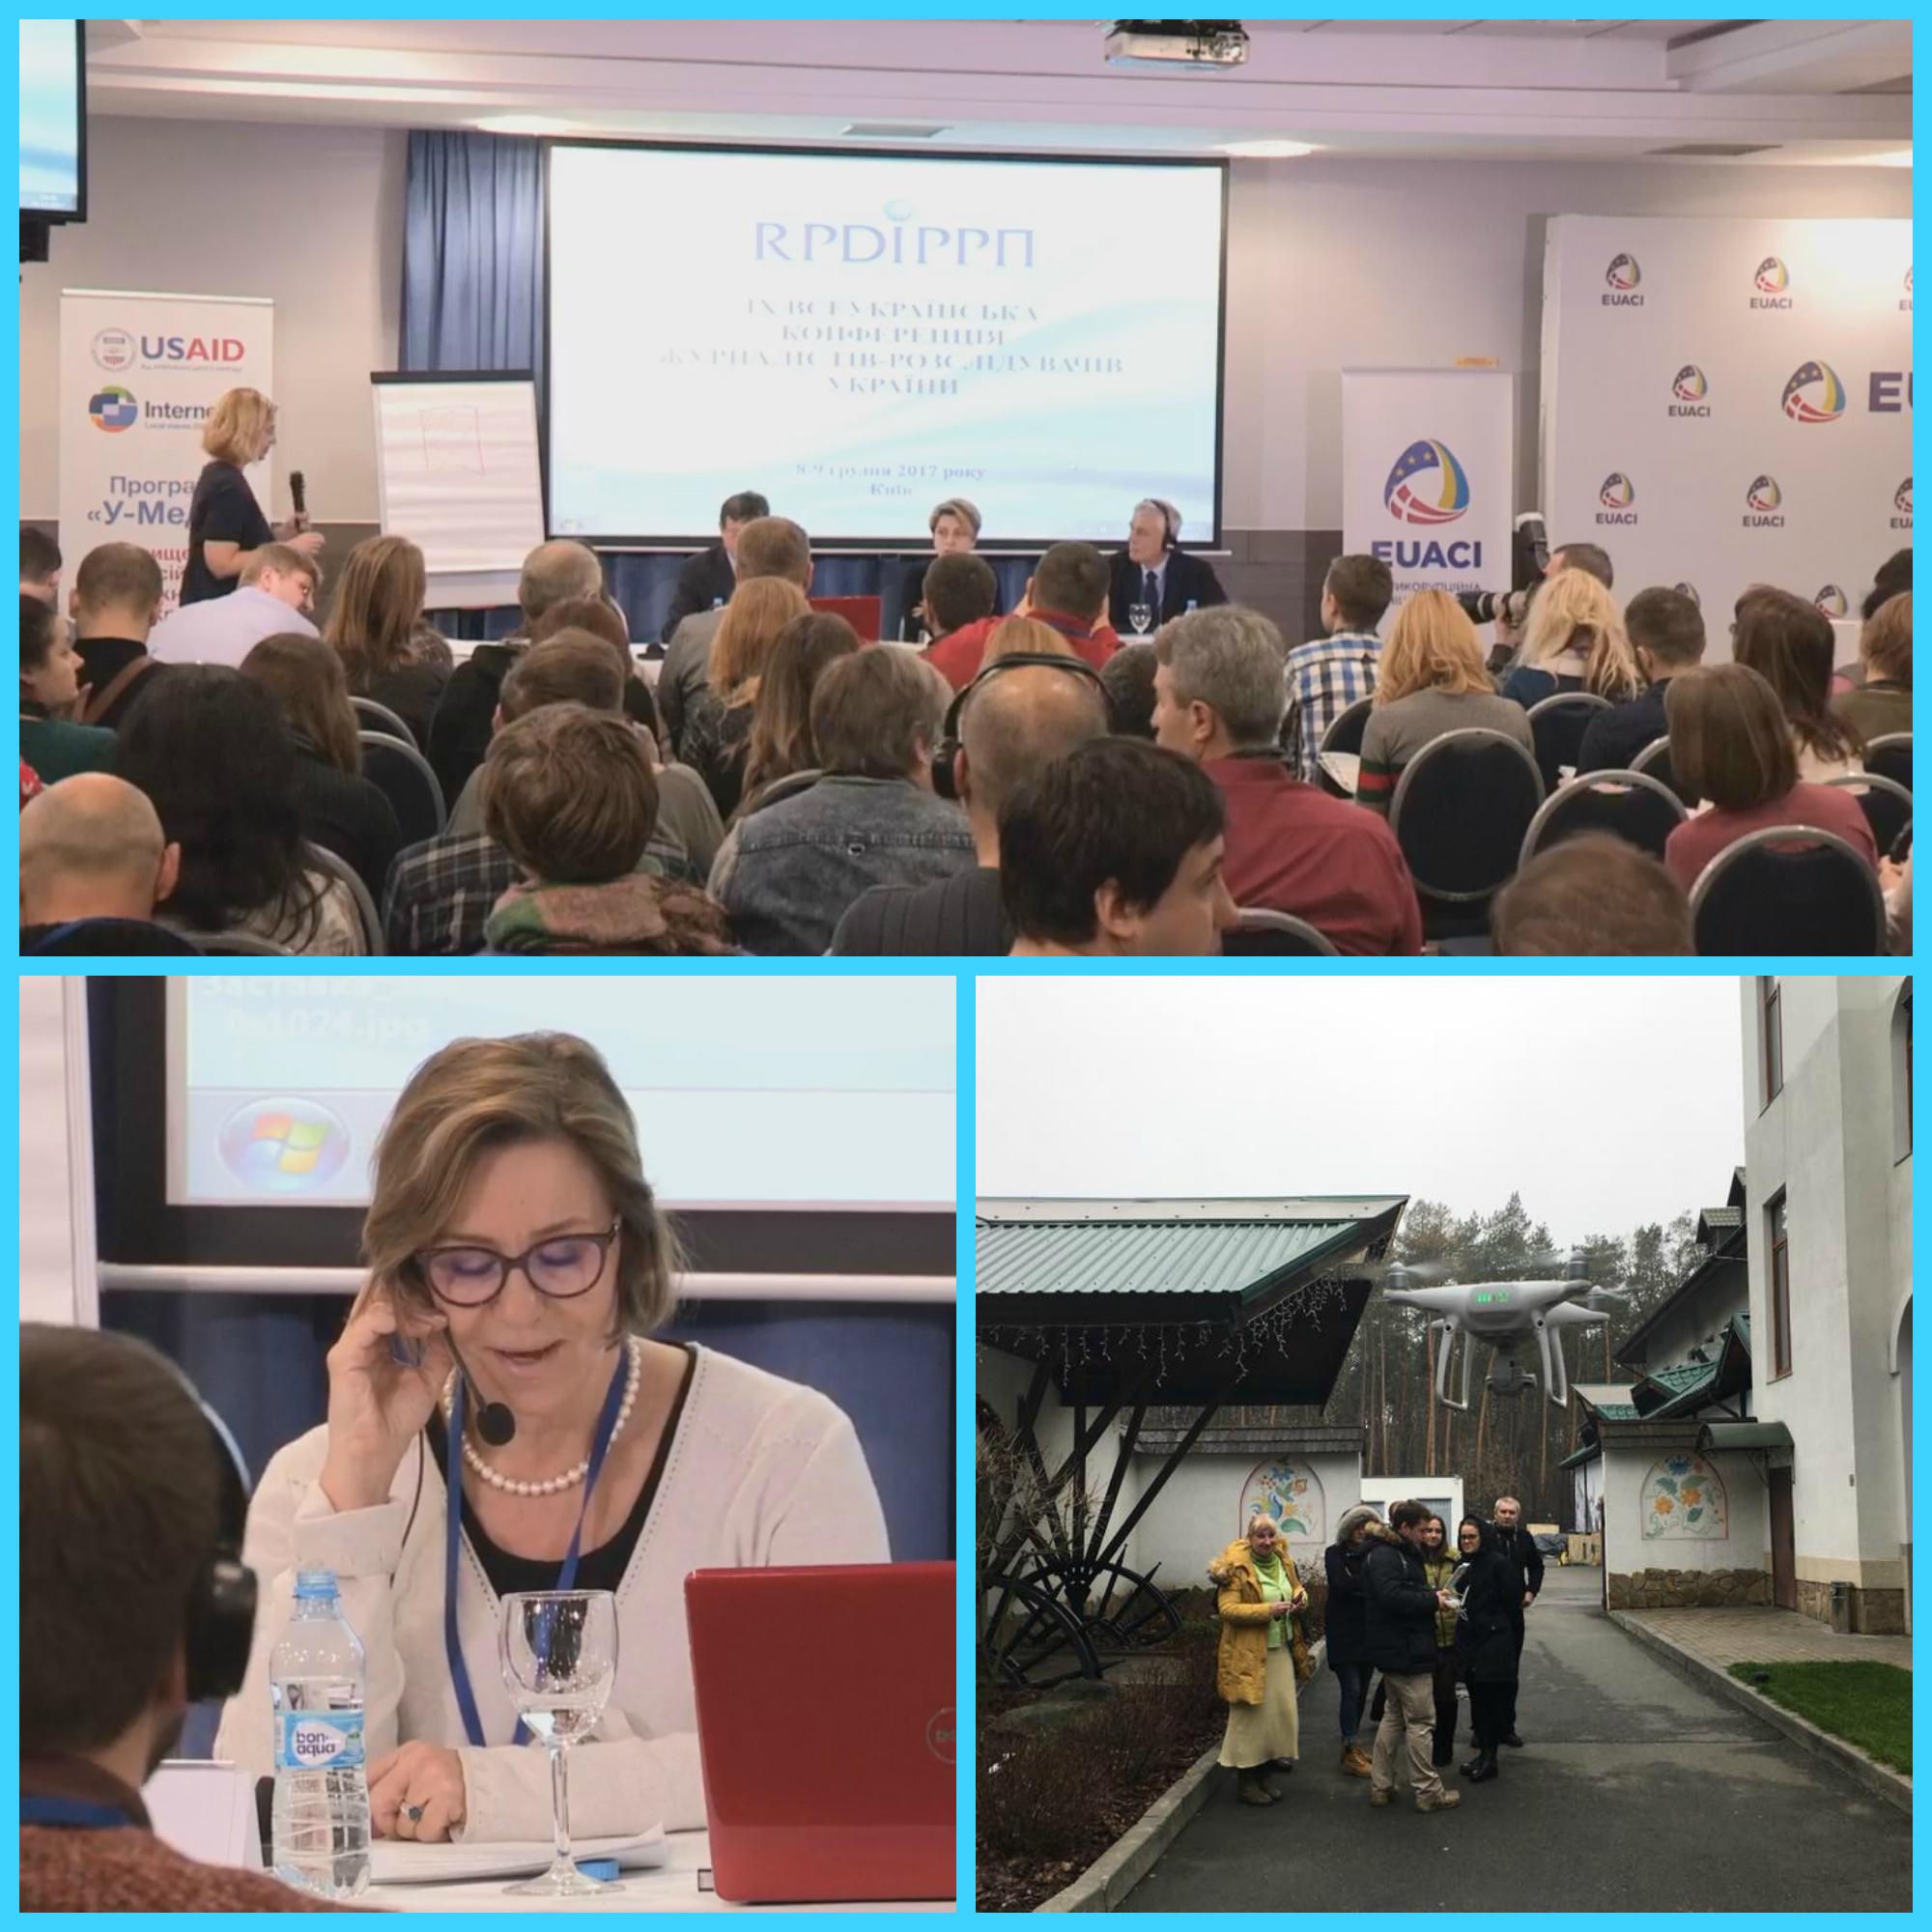 Дев'ята Всеукраїнська конференція журналістів-розслідувачів зібрала більше 220 журналістів та експертів з 15 країн світу